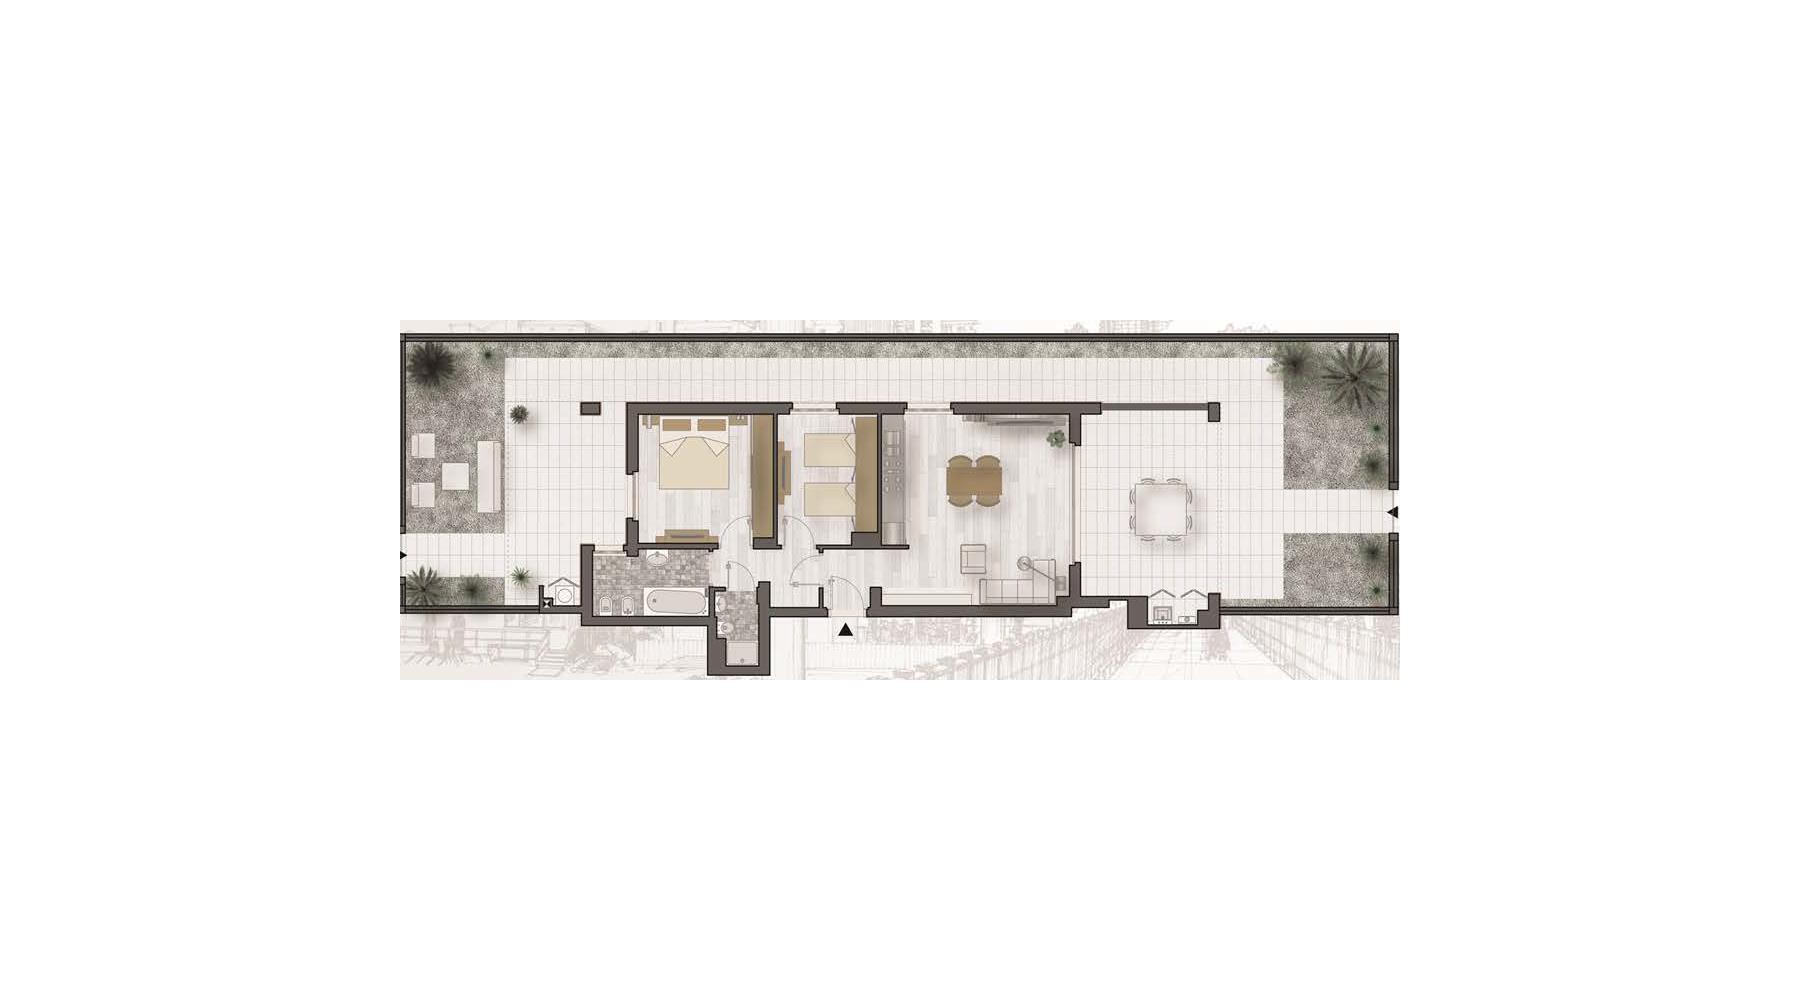 Immagini di giardino con planimetria casa con giardino for Planimetrie della casa minimalista